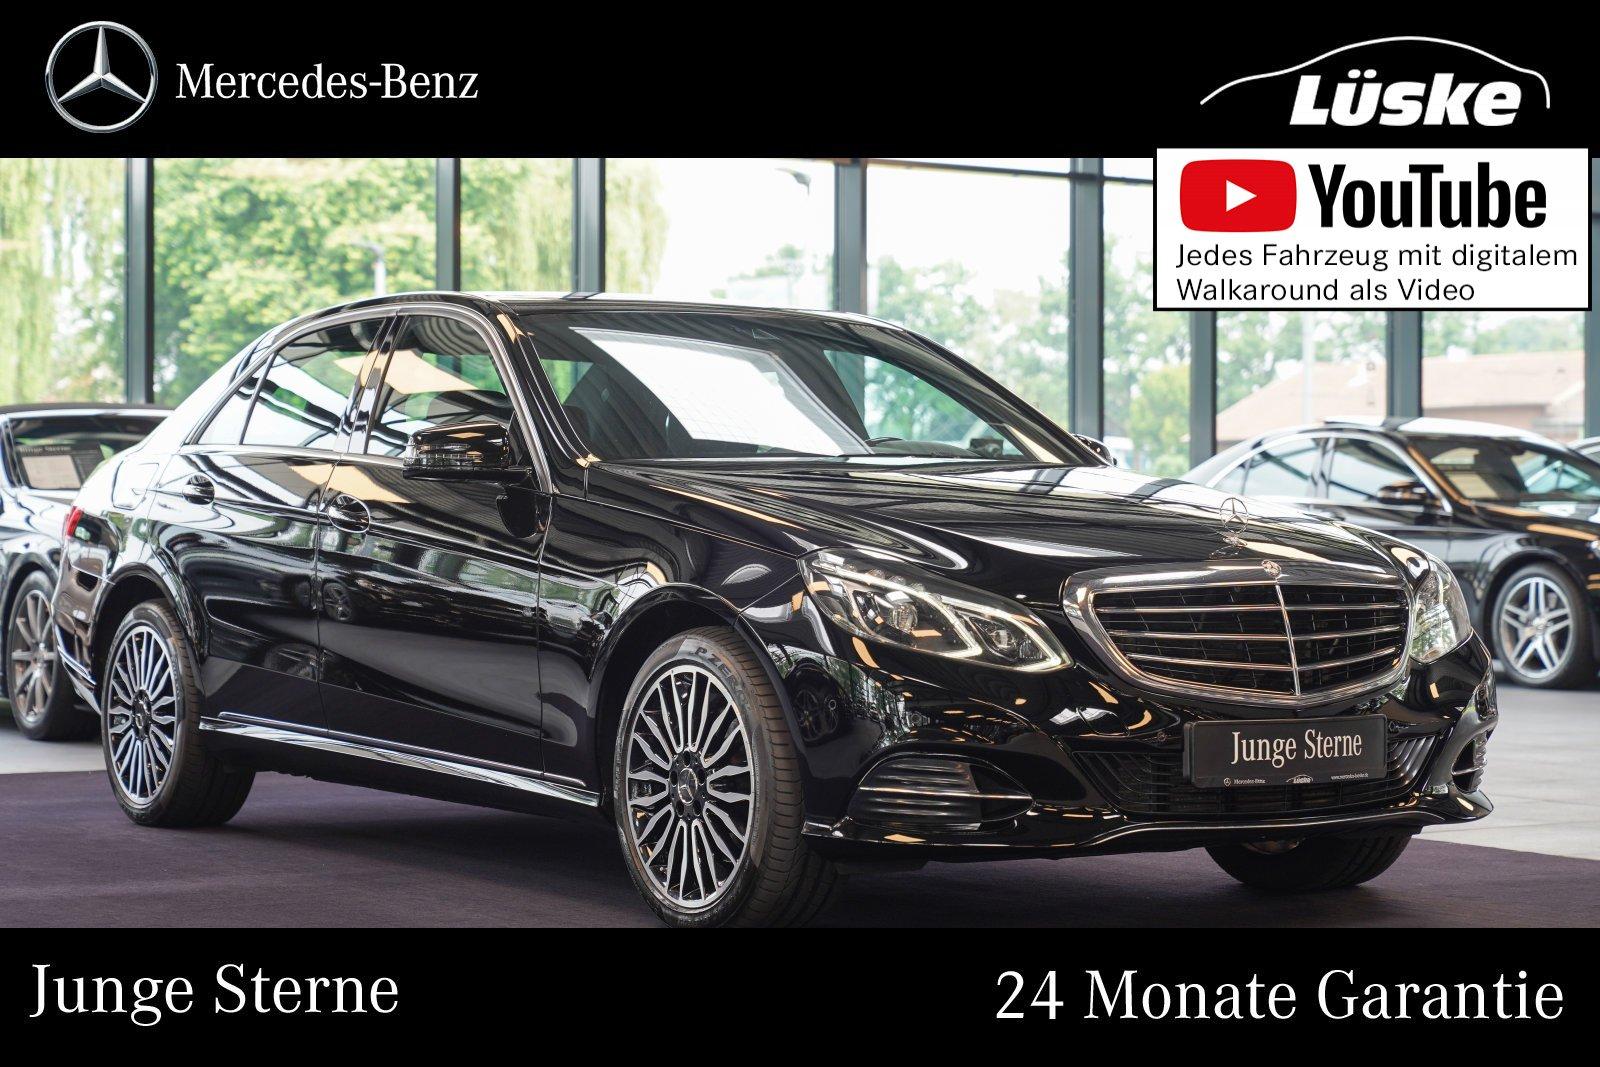 Mercedes-Benz E 250 CDI BT 4M ELEGANCE LED COMAND Multikontur, Jahr 2015, Diesel